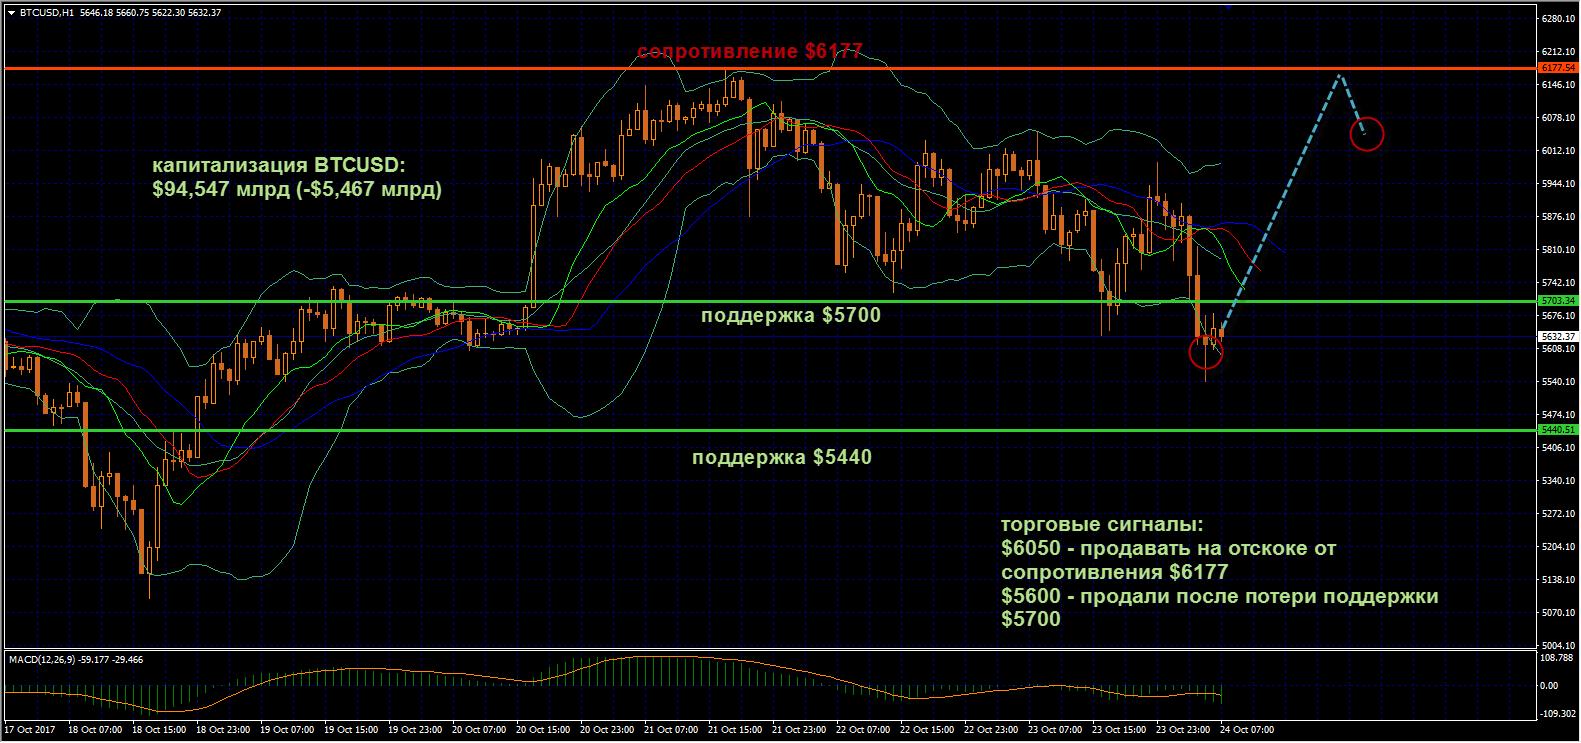 Bitcoin завершил сессию понедельника незначительным ростом после медвежьей коррекции с максимумов накануне